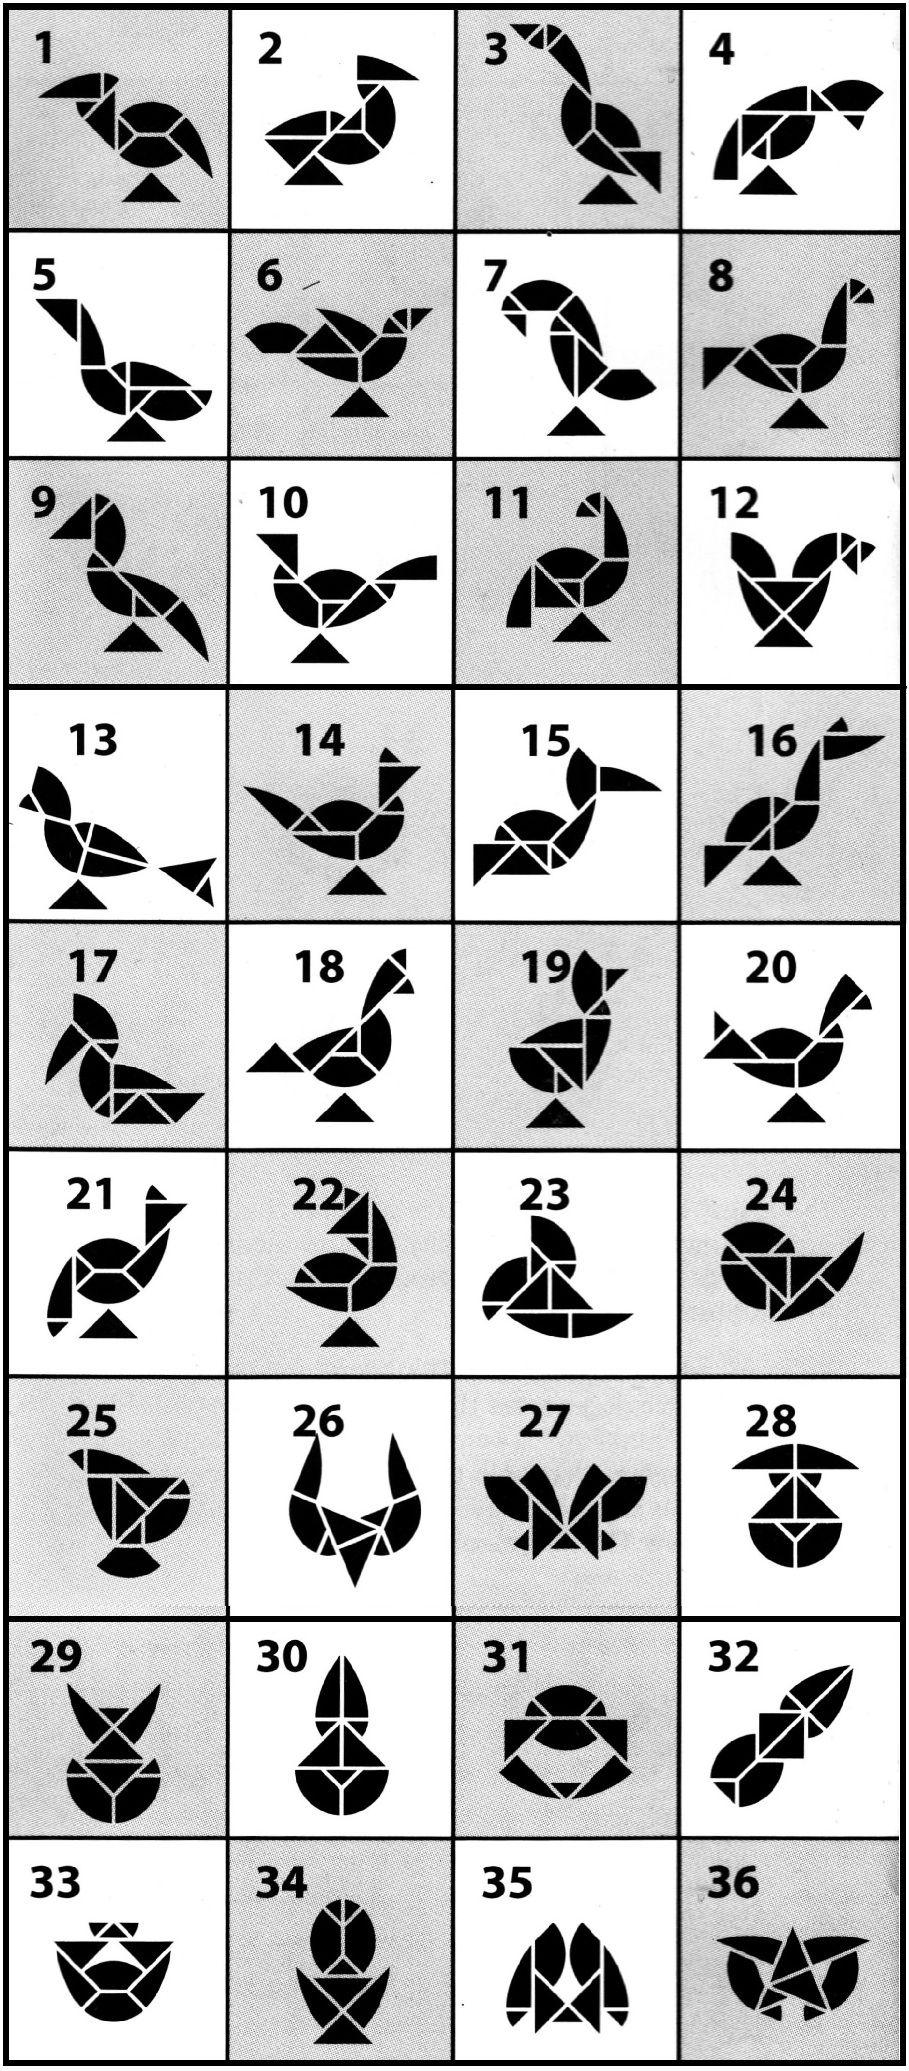 48 En Iyi Tangram Görüntüsü | Matematik, Okul Ve Sınıf dedans Tangram Modèles Et Solutions